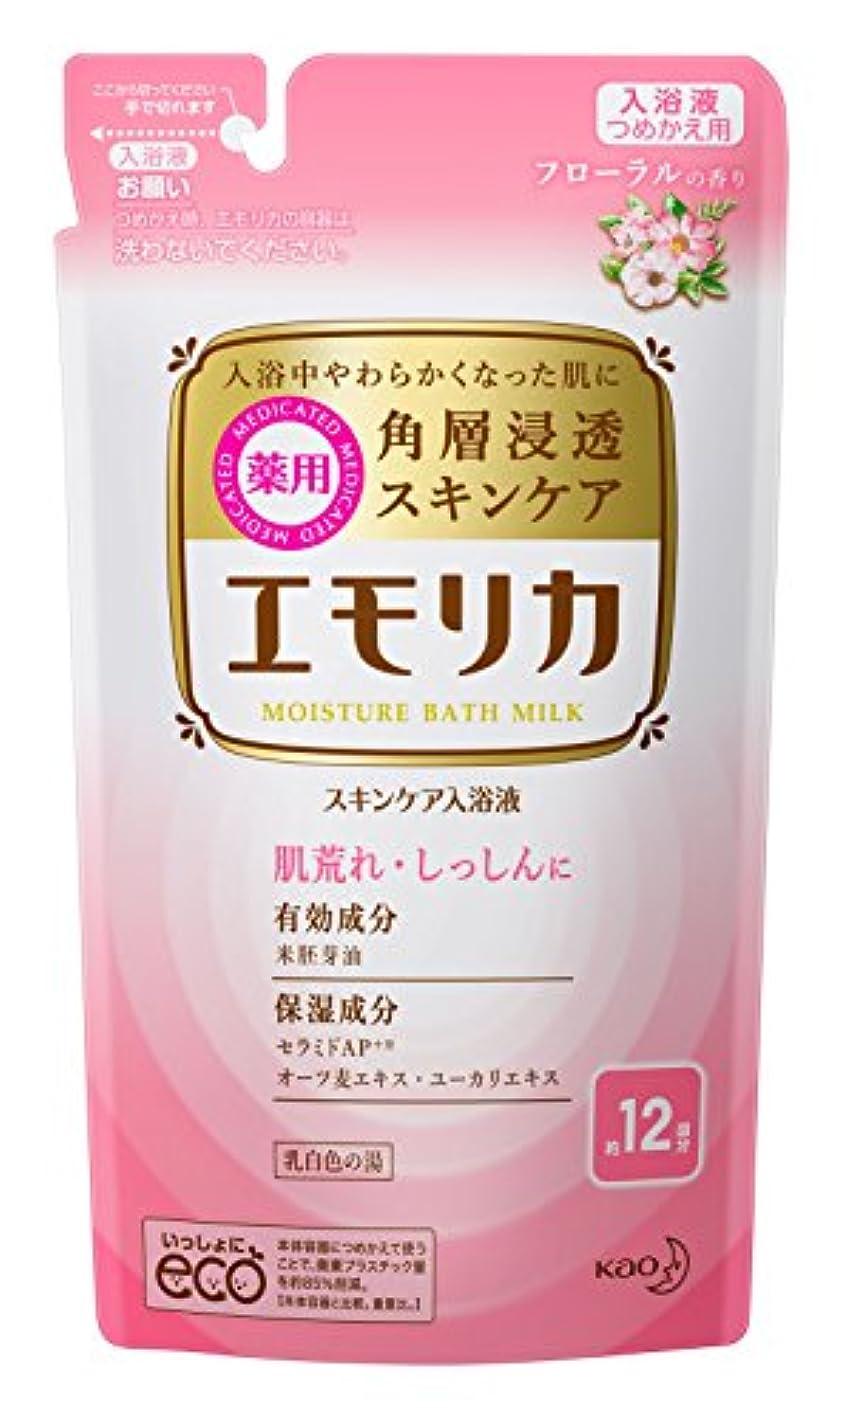 スイッチ疑問に思うそよ風エモリカ 薬用スキンケア入浴液 フローラルの香り つめかえ用 360ml 液体 入浴剤 (赤ちゃんにも使えます)